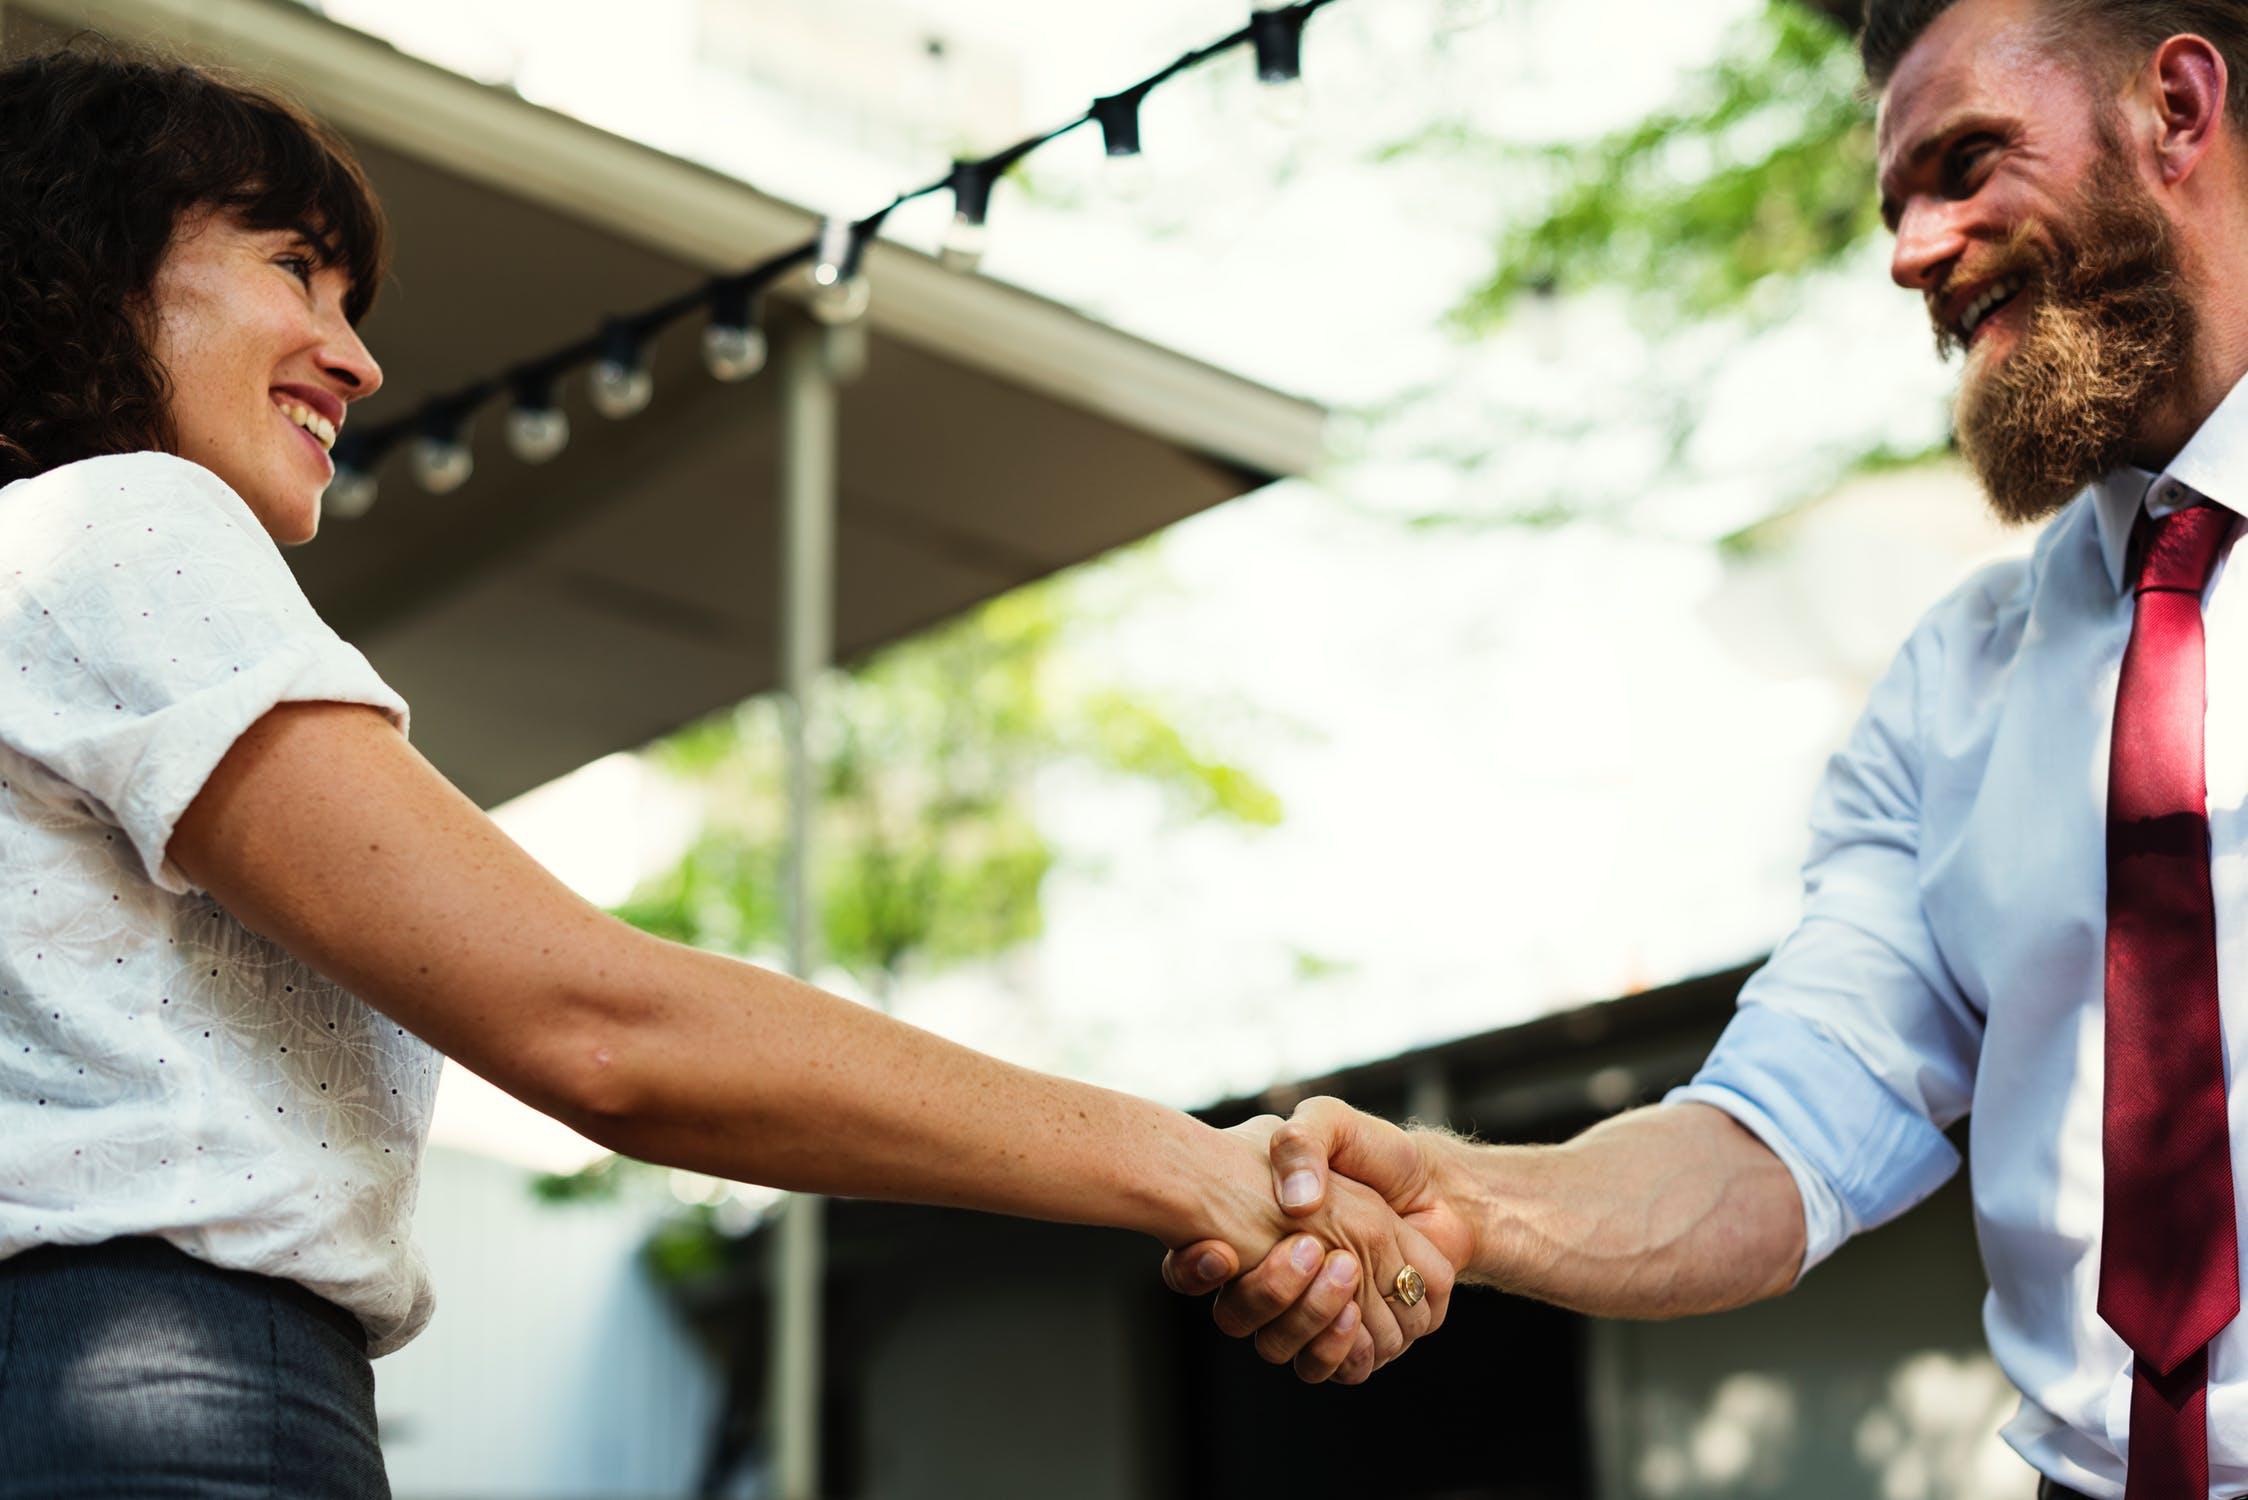 A imagem apresenta um grupo de pessoas interagindo, para representar o bom relacionamento necessário ao aprender como fazer marketing digital.